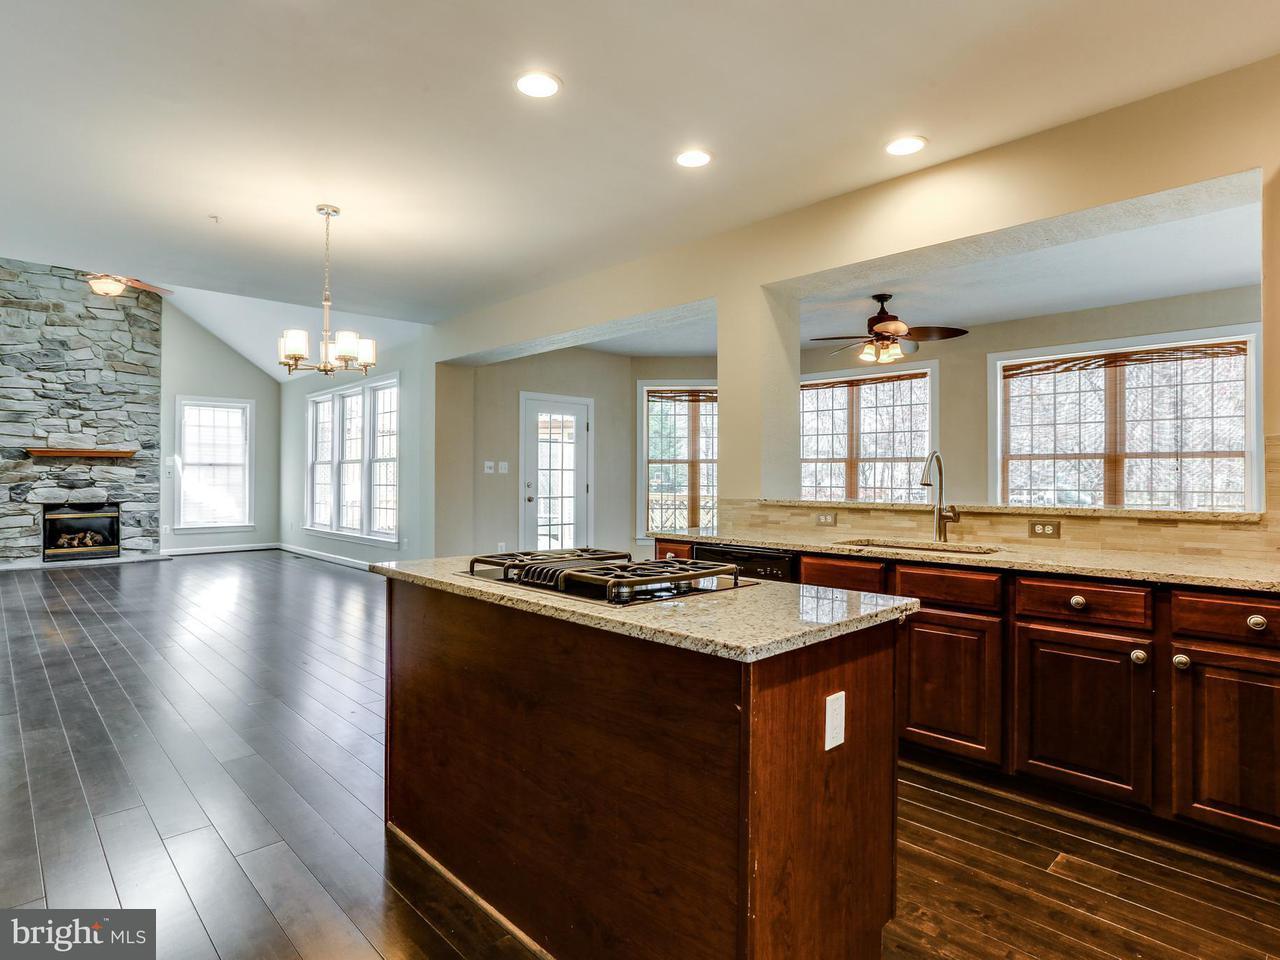 一戸建て のために 売買 アット 6207 Kinsey Ter 6207 Kinsey Ter Lanham, メリーランド 20706 アメリカ合衆国